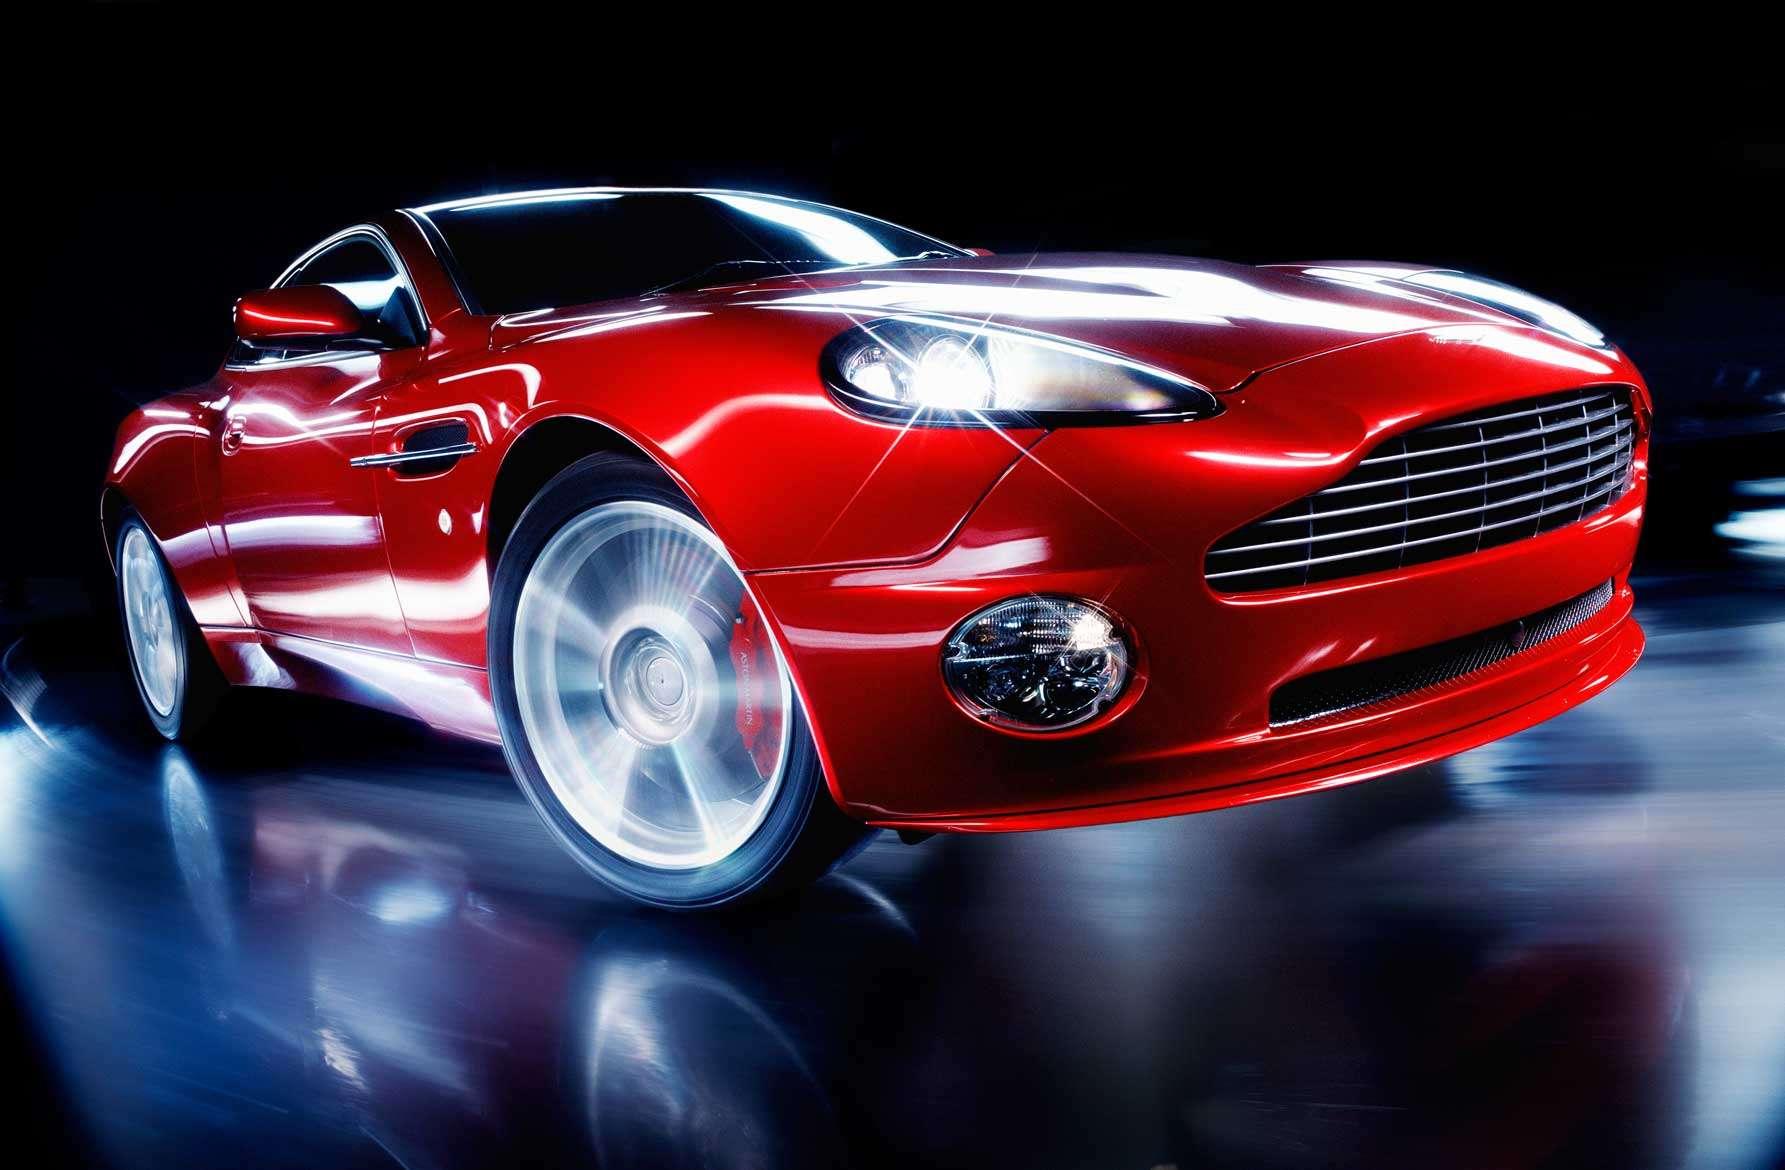 Авторадуга: характер и цвет автомобиля